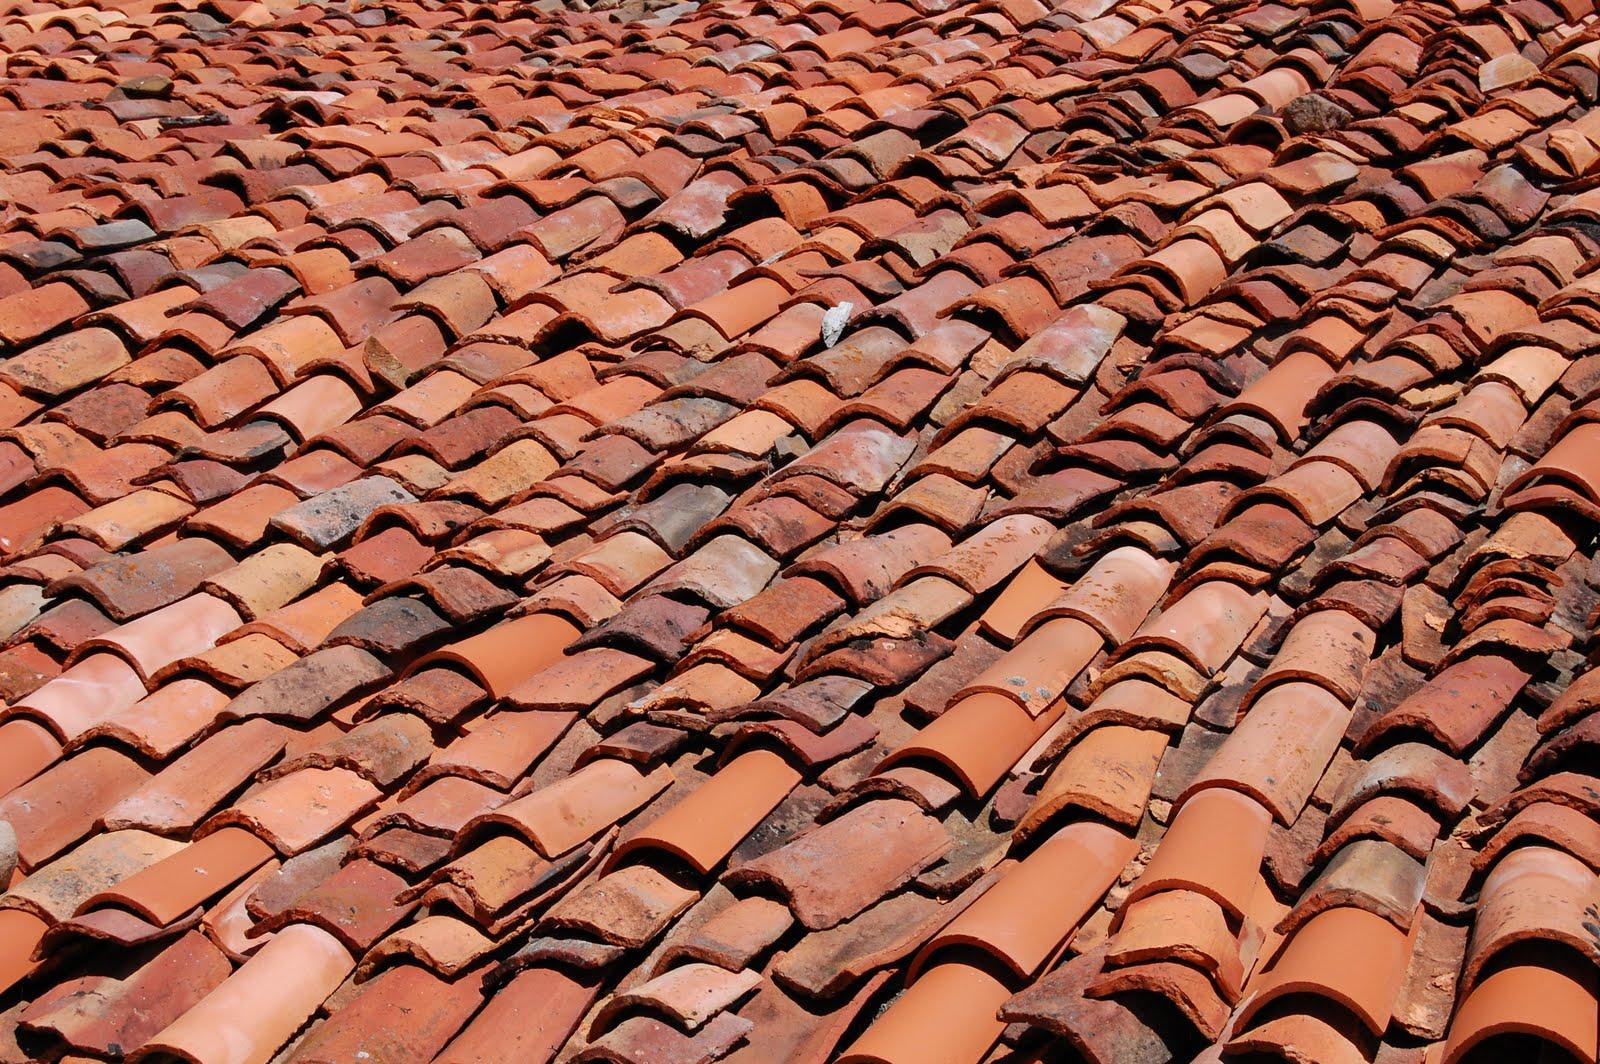 En el suelo ondanadas de tejas for Tejados sin tejas